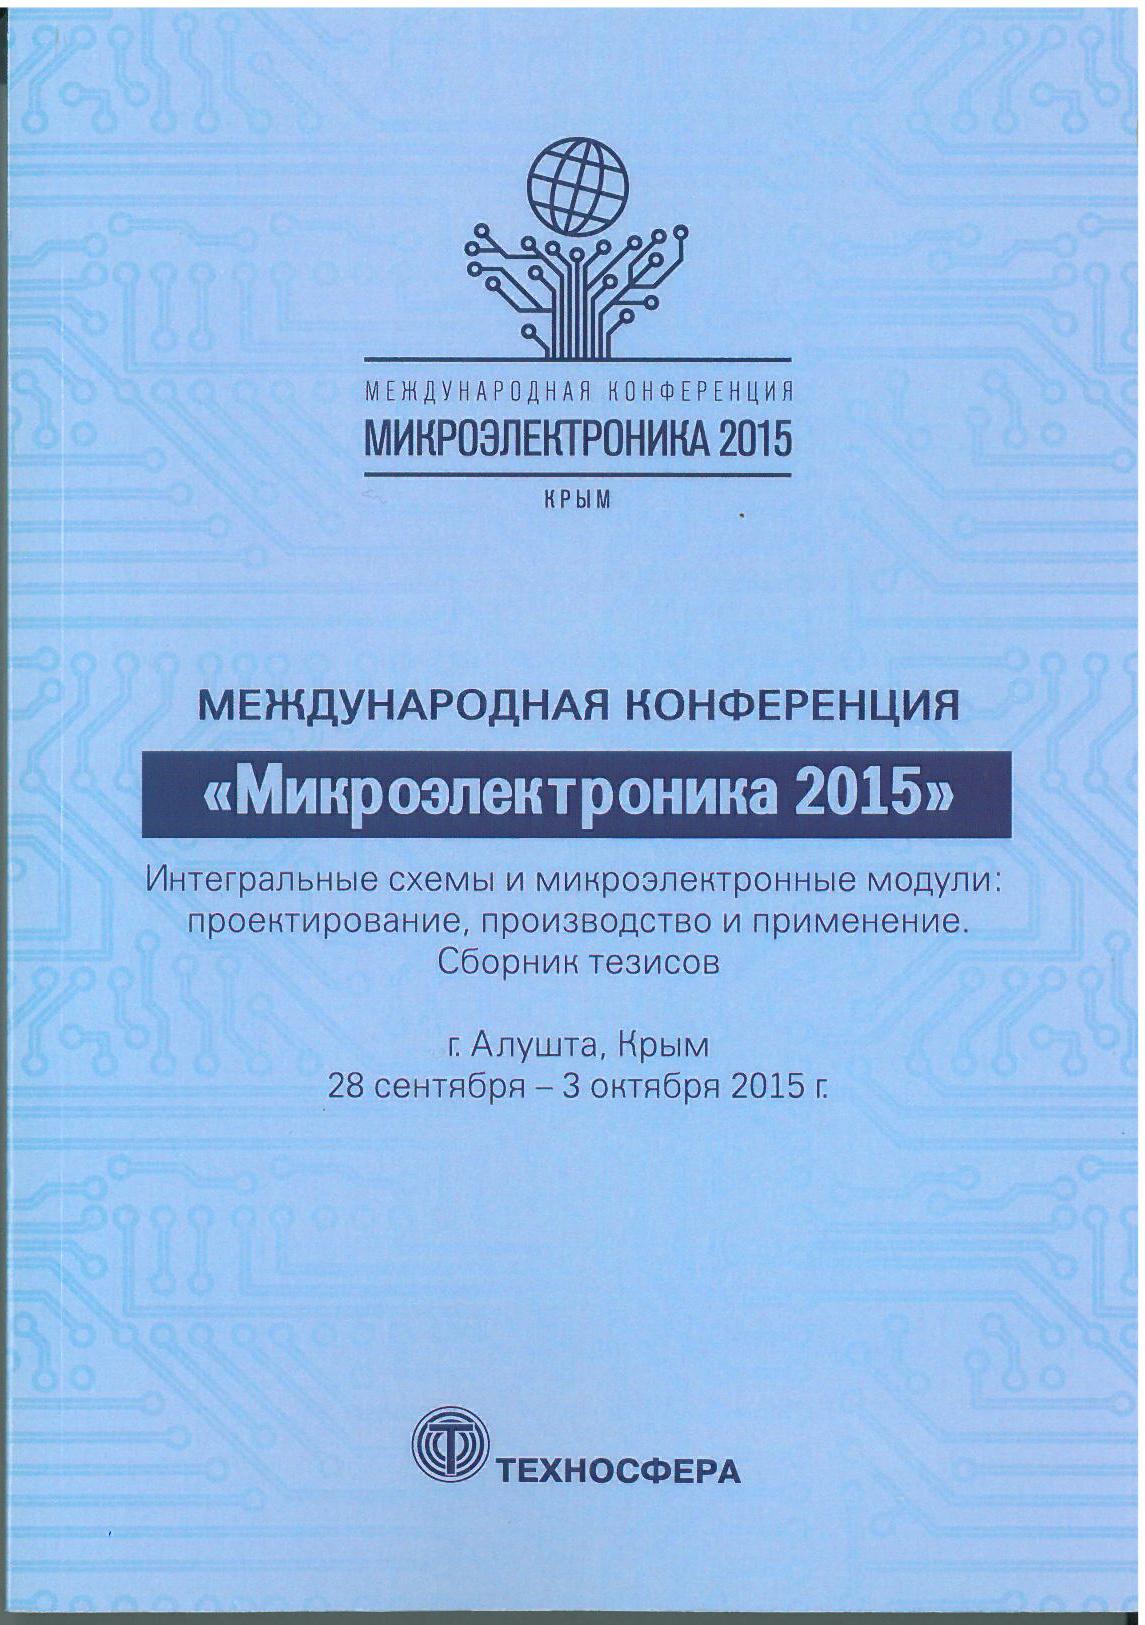 Международная конференция «Микроэлектроника 2015». Сборник тезисов. г.Алушта, Крым, 28 сентября - 3 октября 2015 г.